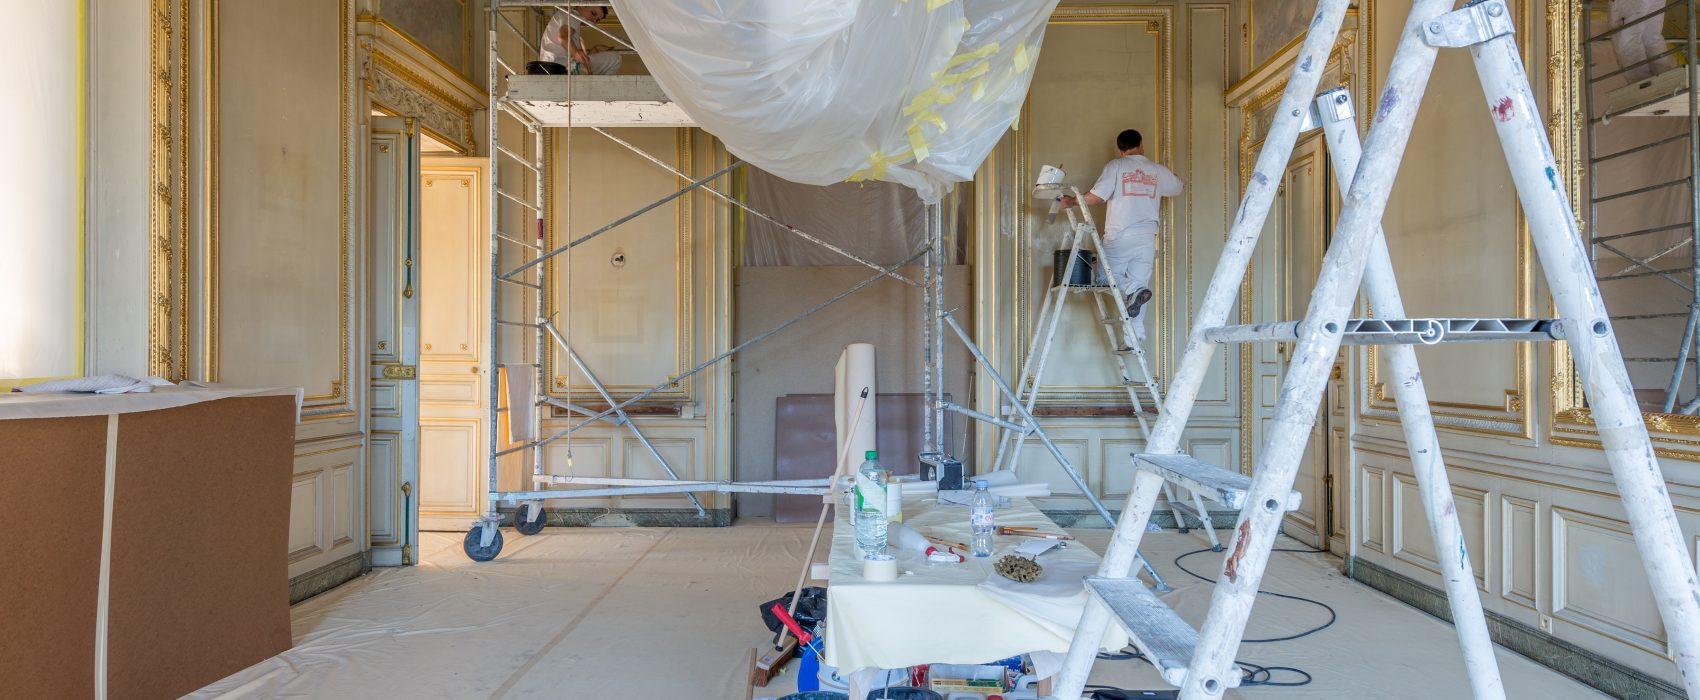 Chantier de restauration de l'Atelier Meriguet-Carrère, au Palais de la Légion d'honneur.